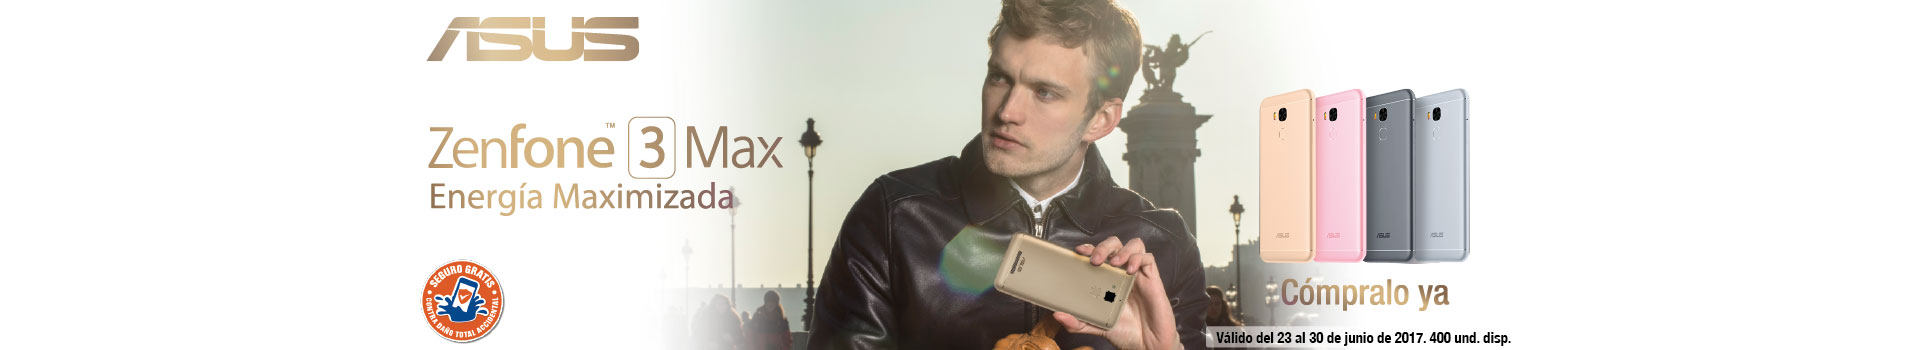 Pauta ASUS - CAT AK  KT - Celular Zenfone 3  - Jun24